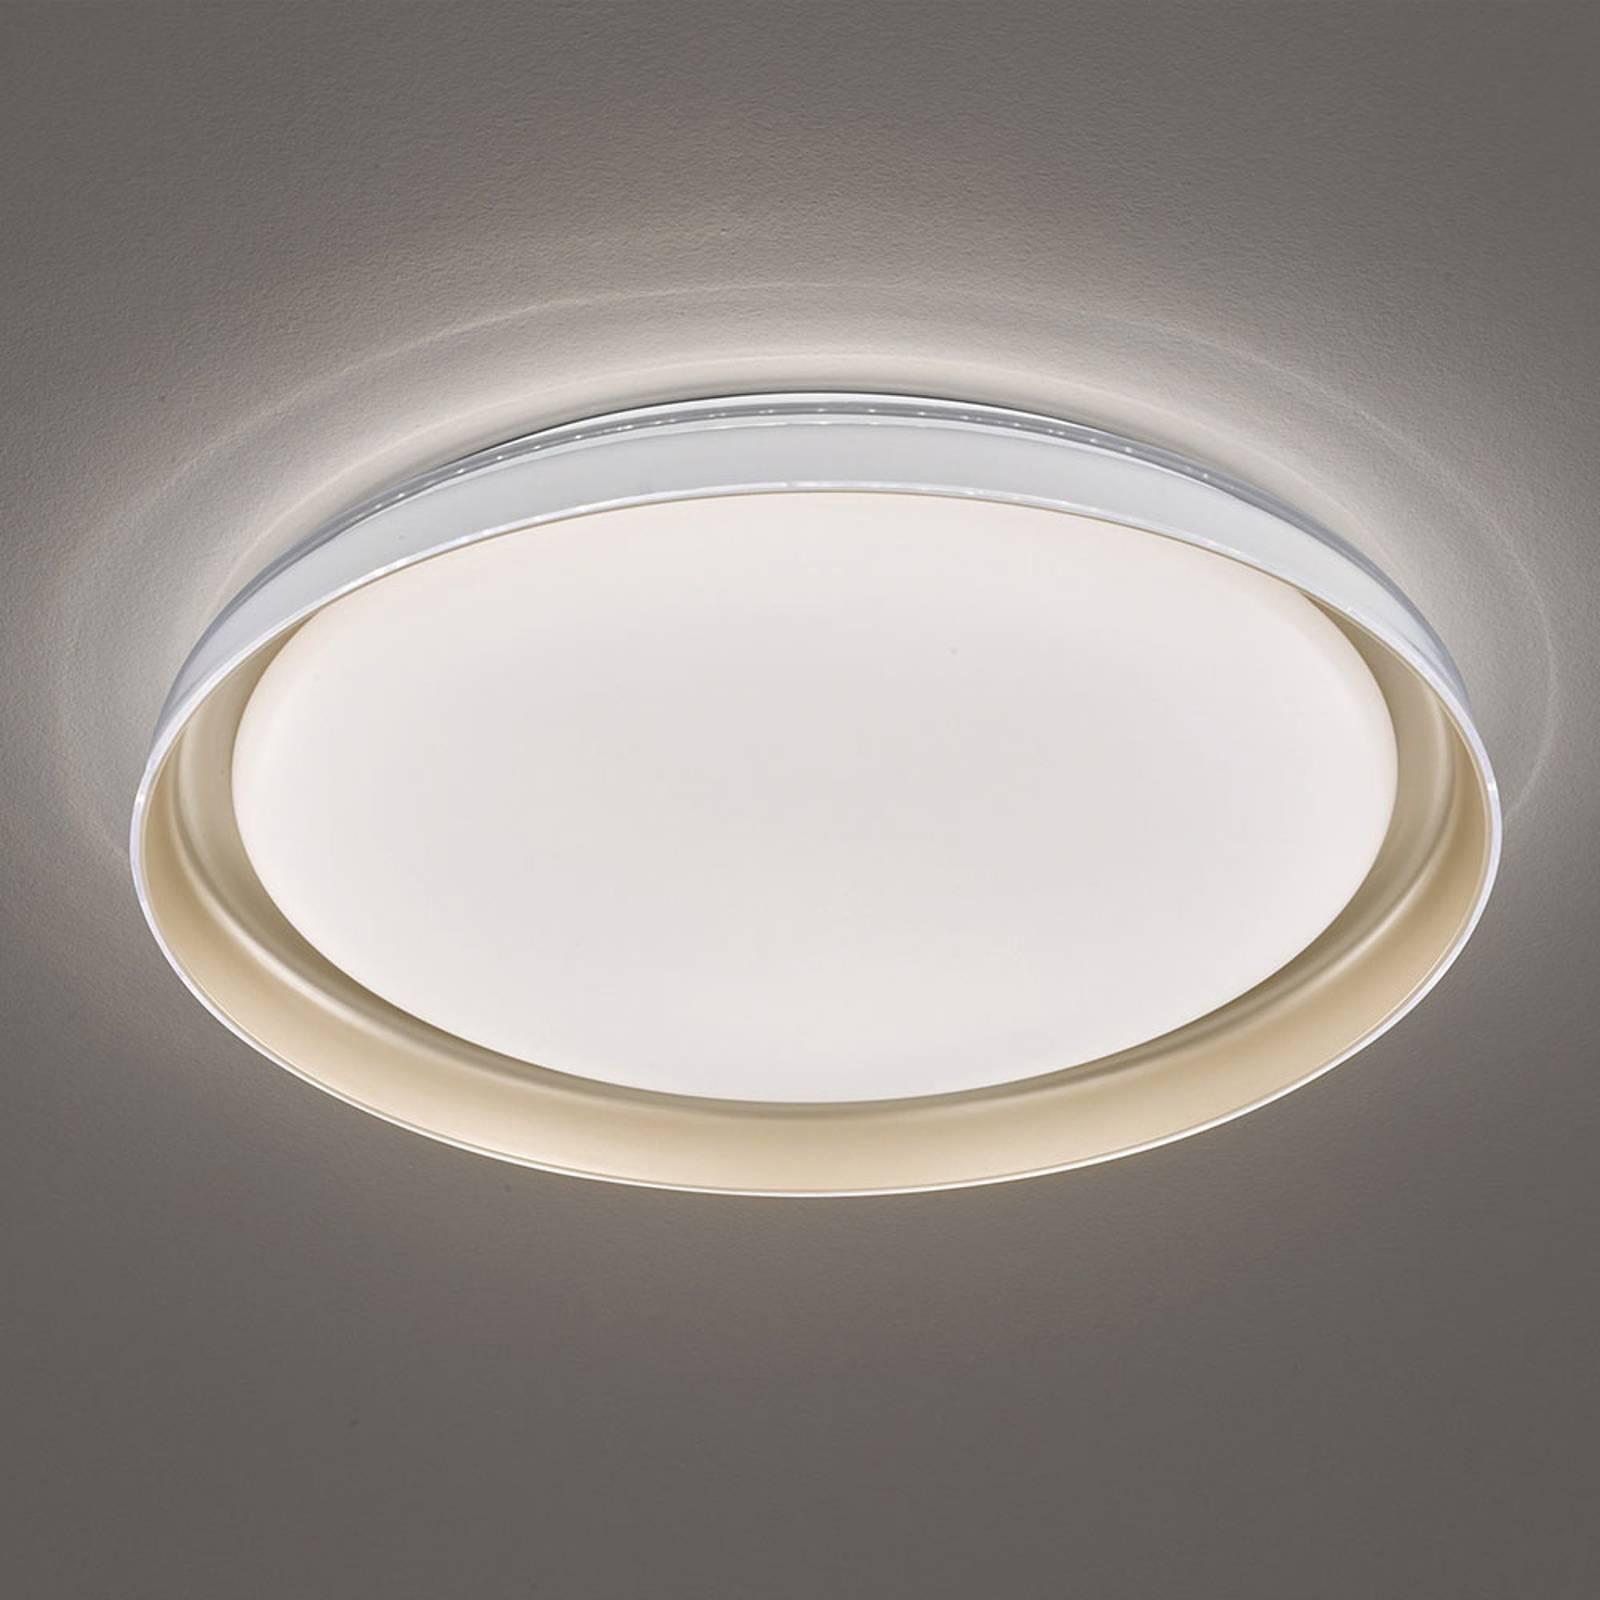 LED-kattovalaisin Rilla, himmennettävä, Ø 43 cm